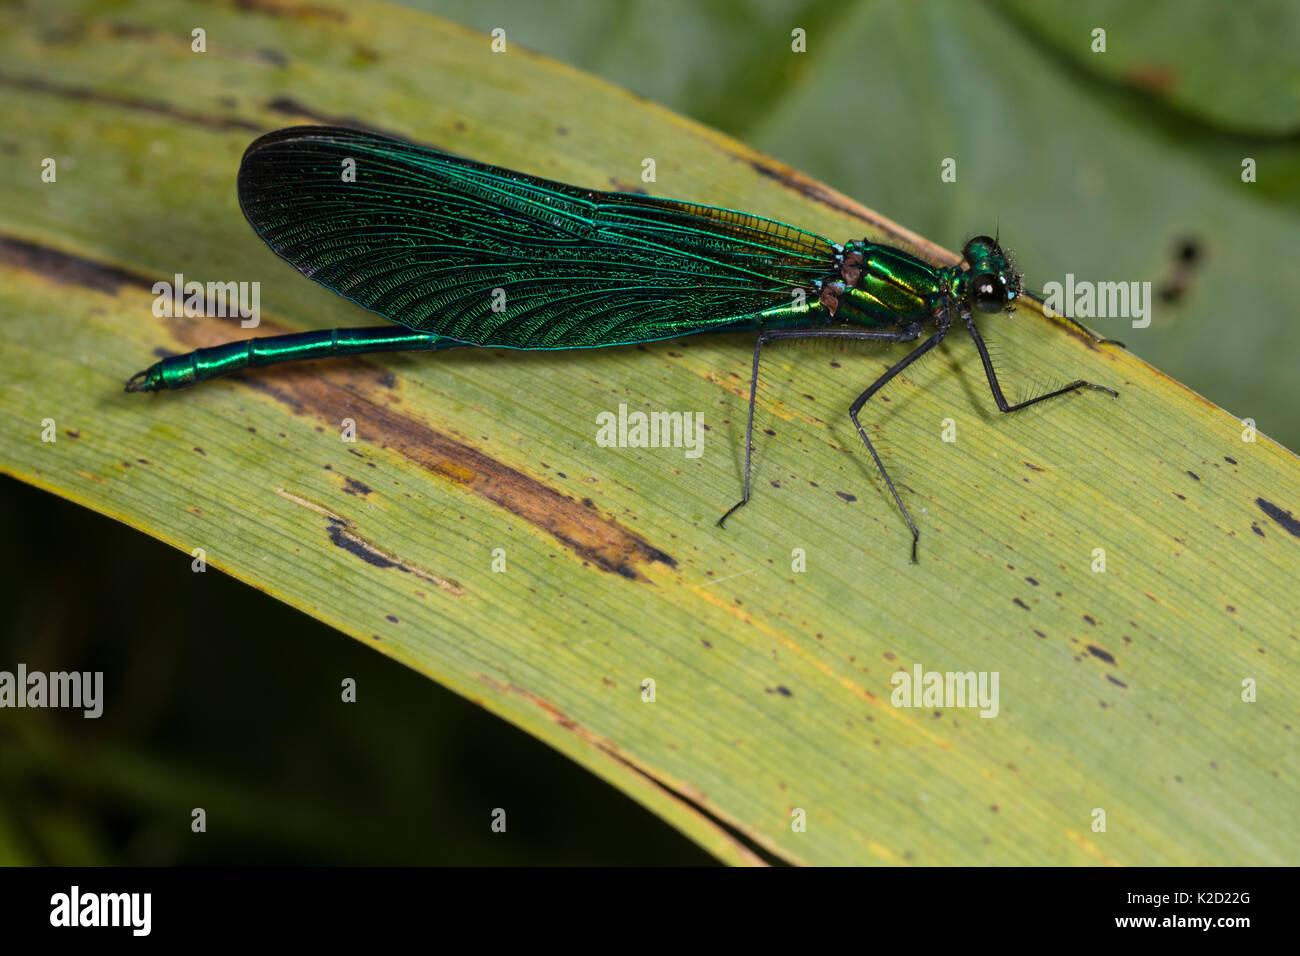 Maschio maturo belle demoiselle damselfly, Calopteryx virgo, mostrando iridiscent blu colorazione verde sul corpo e le ali Immagini Stock